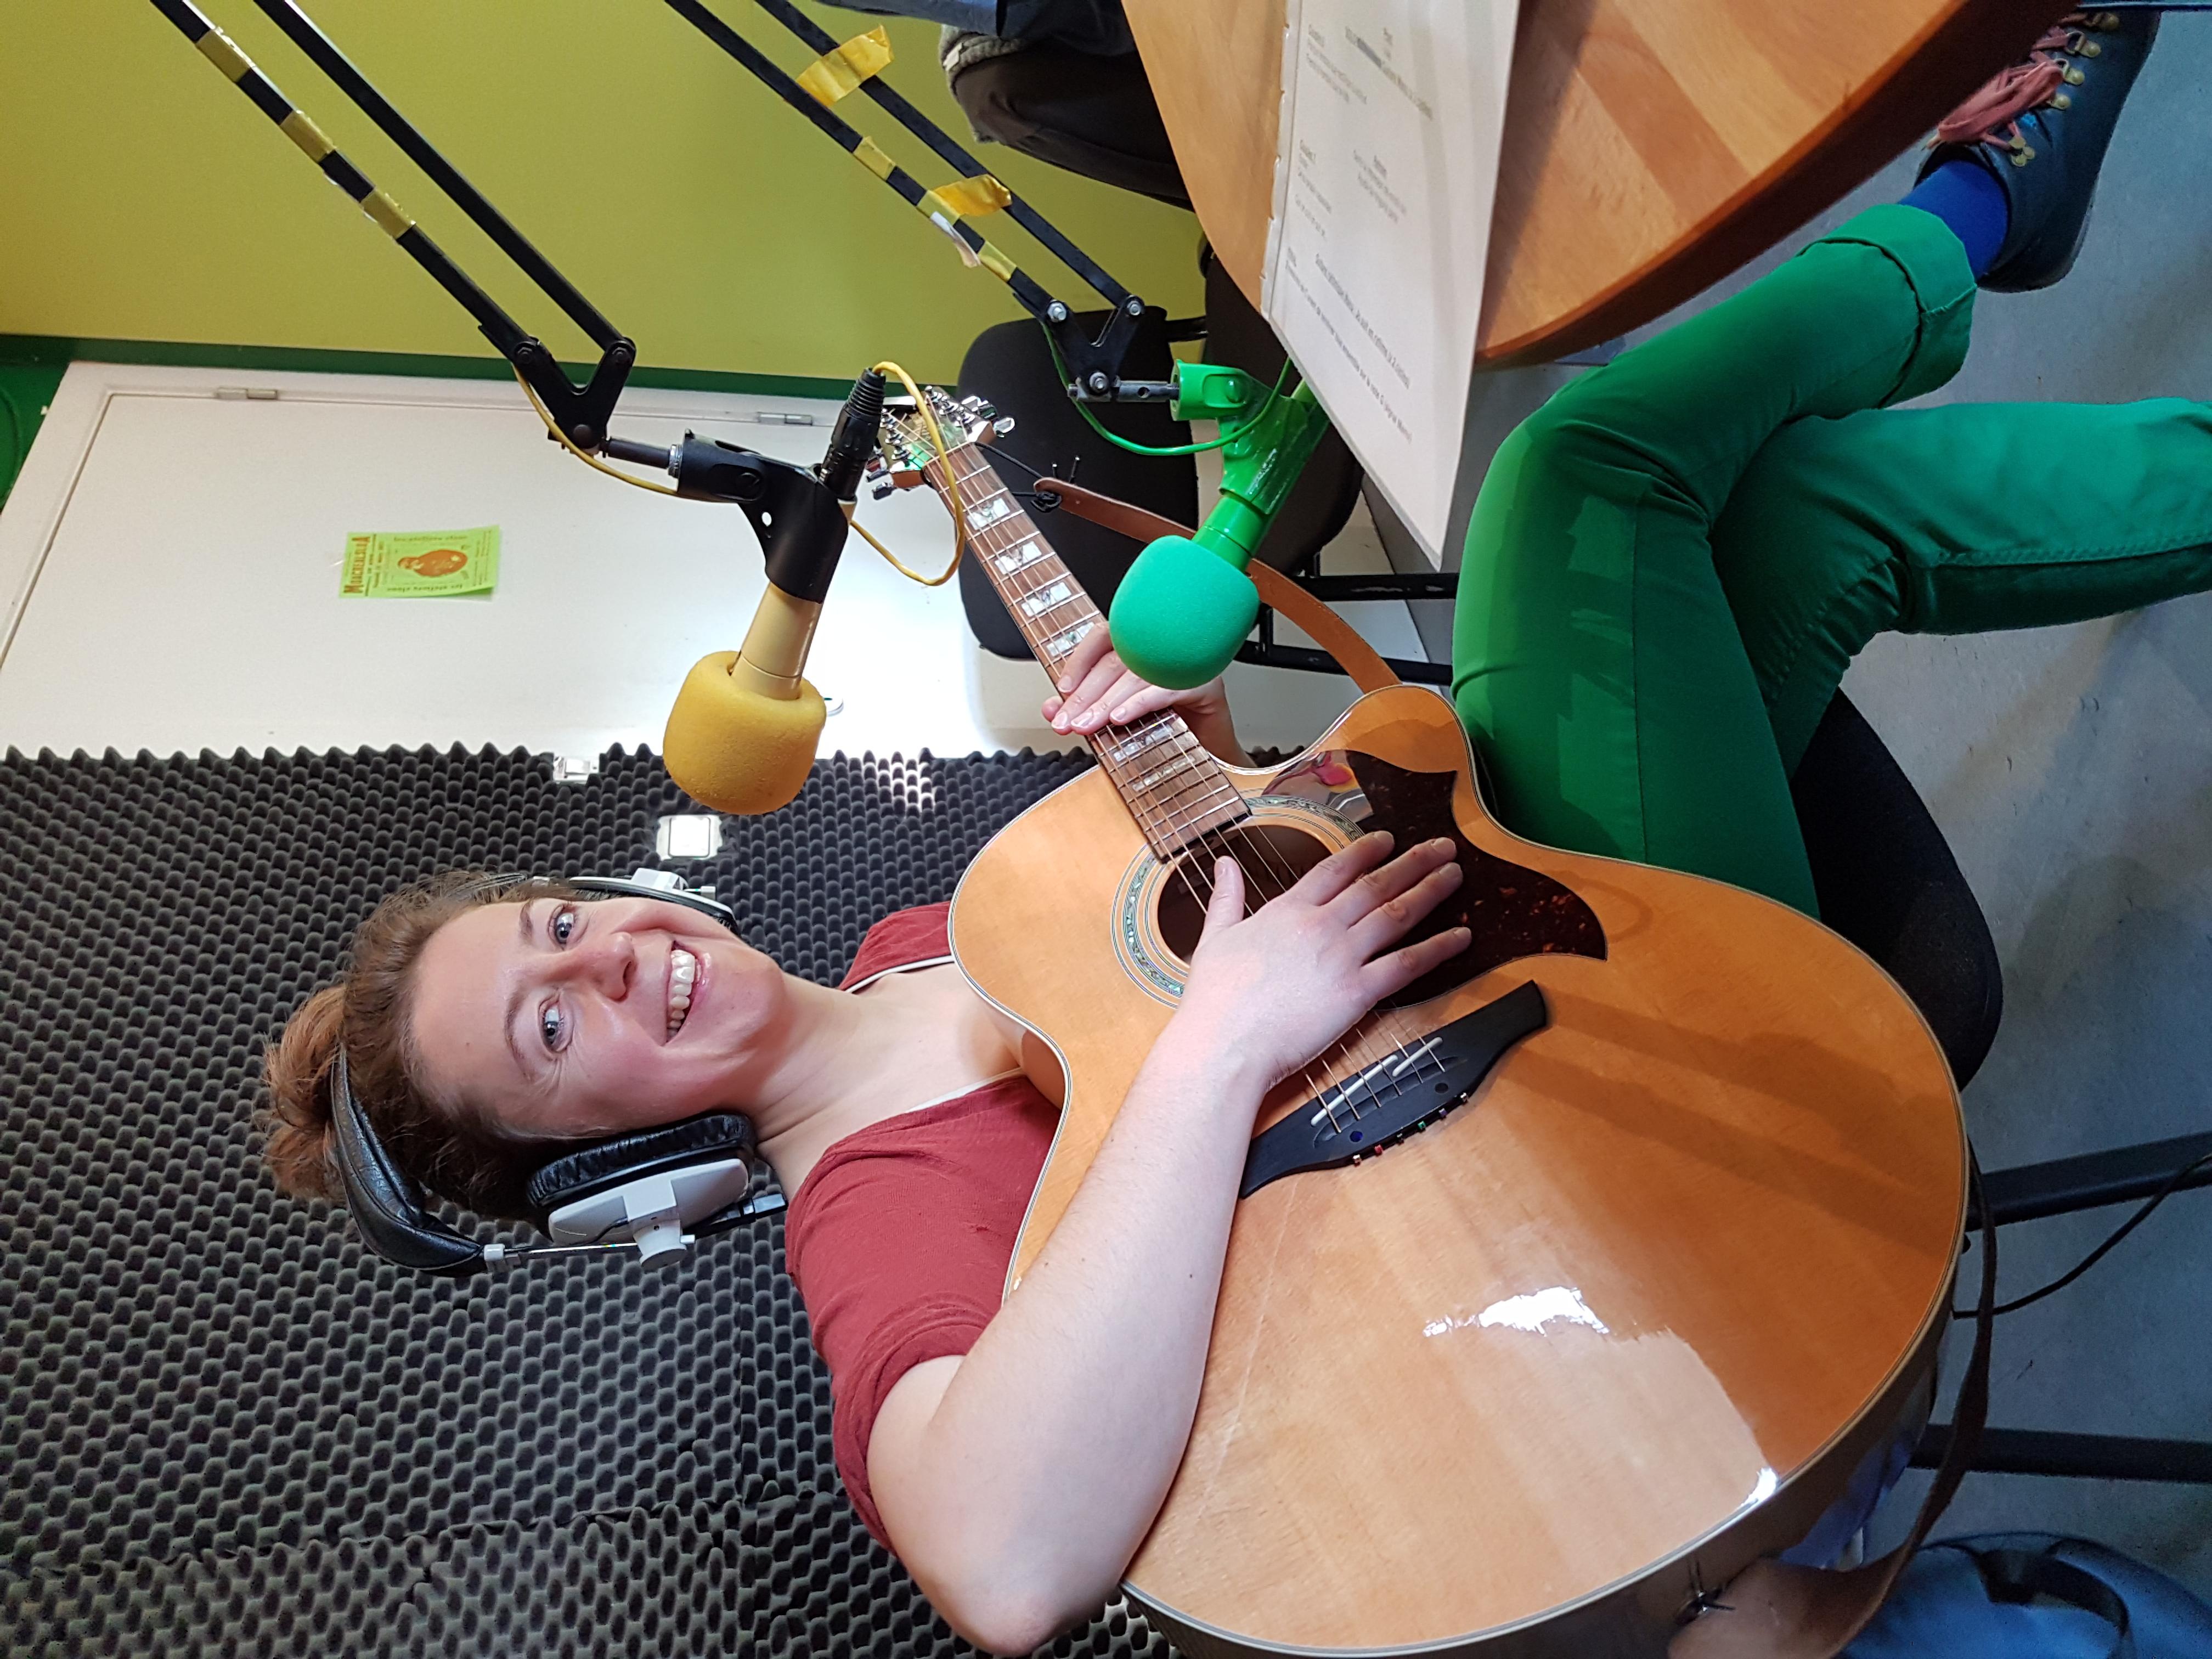 May 2017 - Radio Panik - Brussels